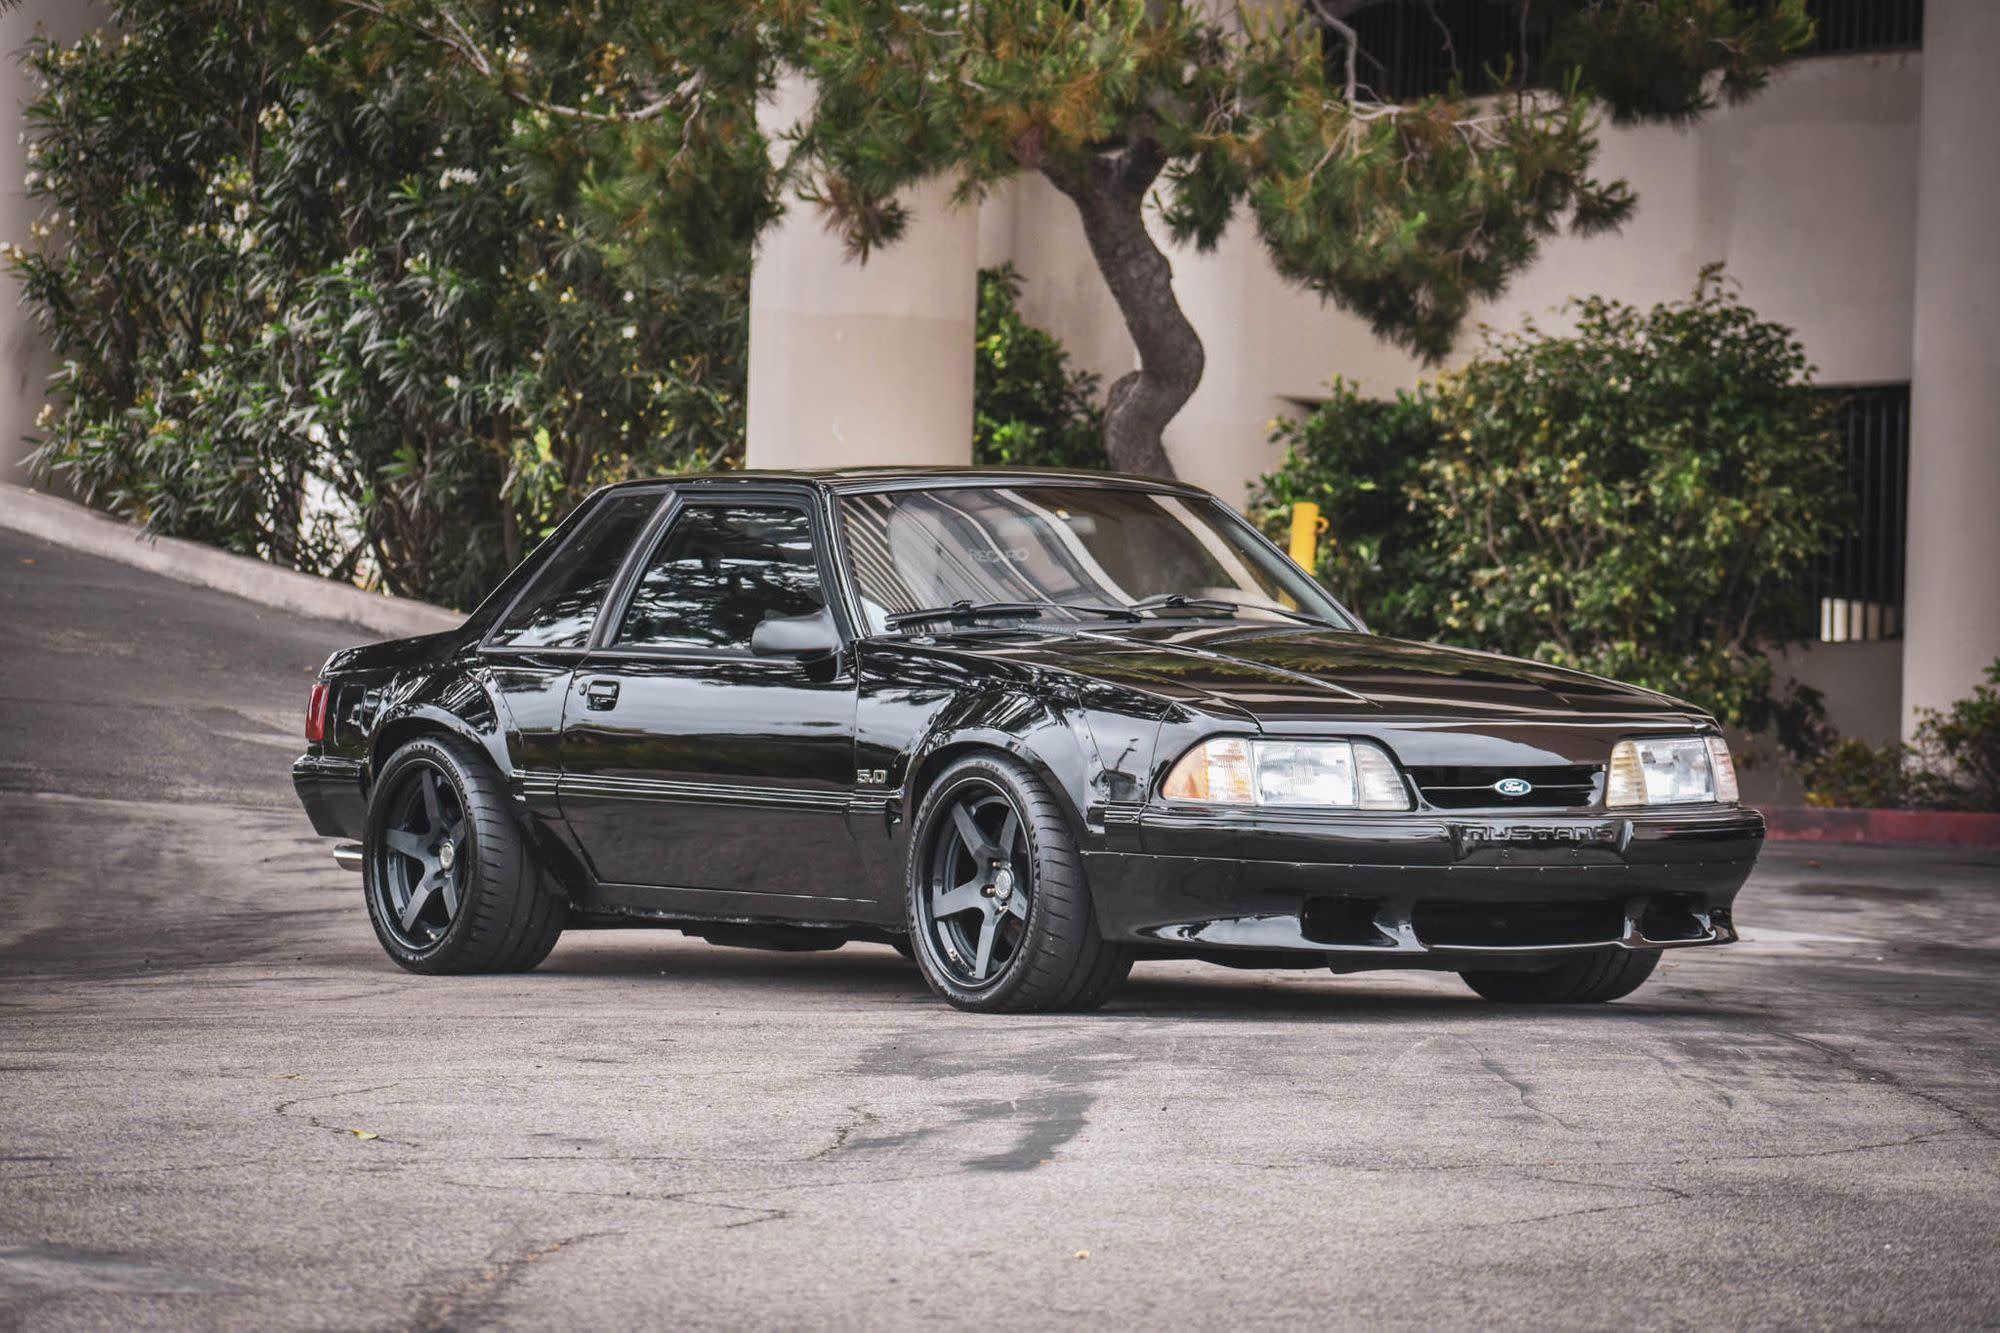 Matt Farah S Modded 1988 Ford Mustang Ssp Wide Body For Sale